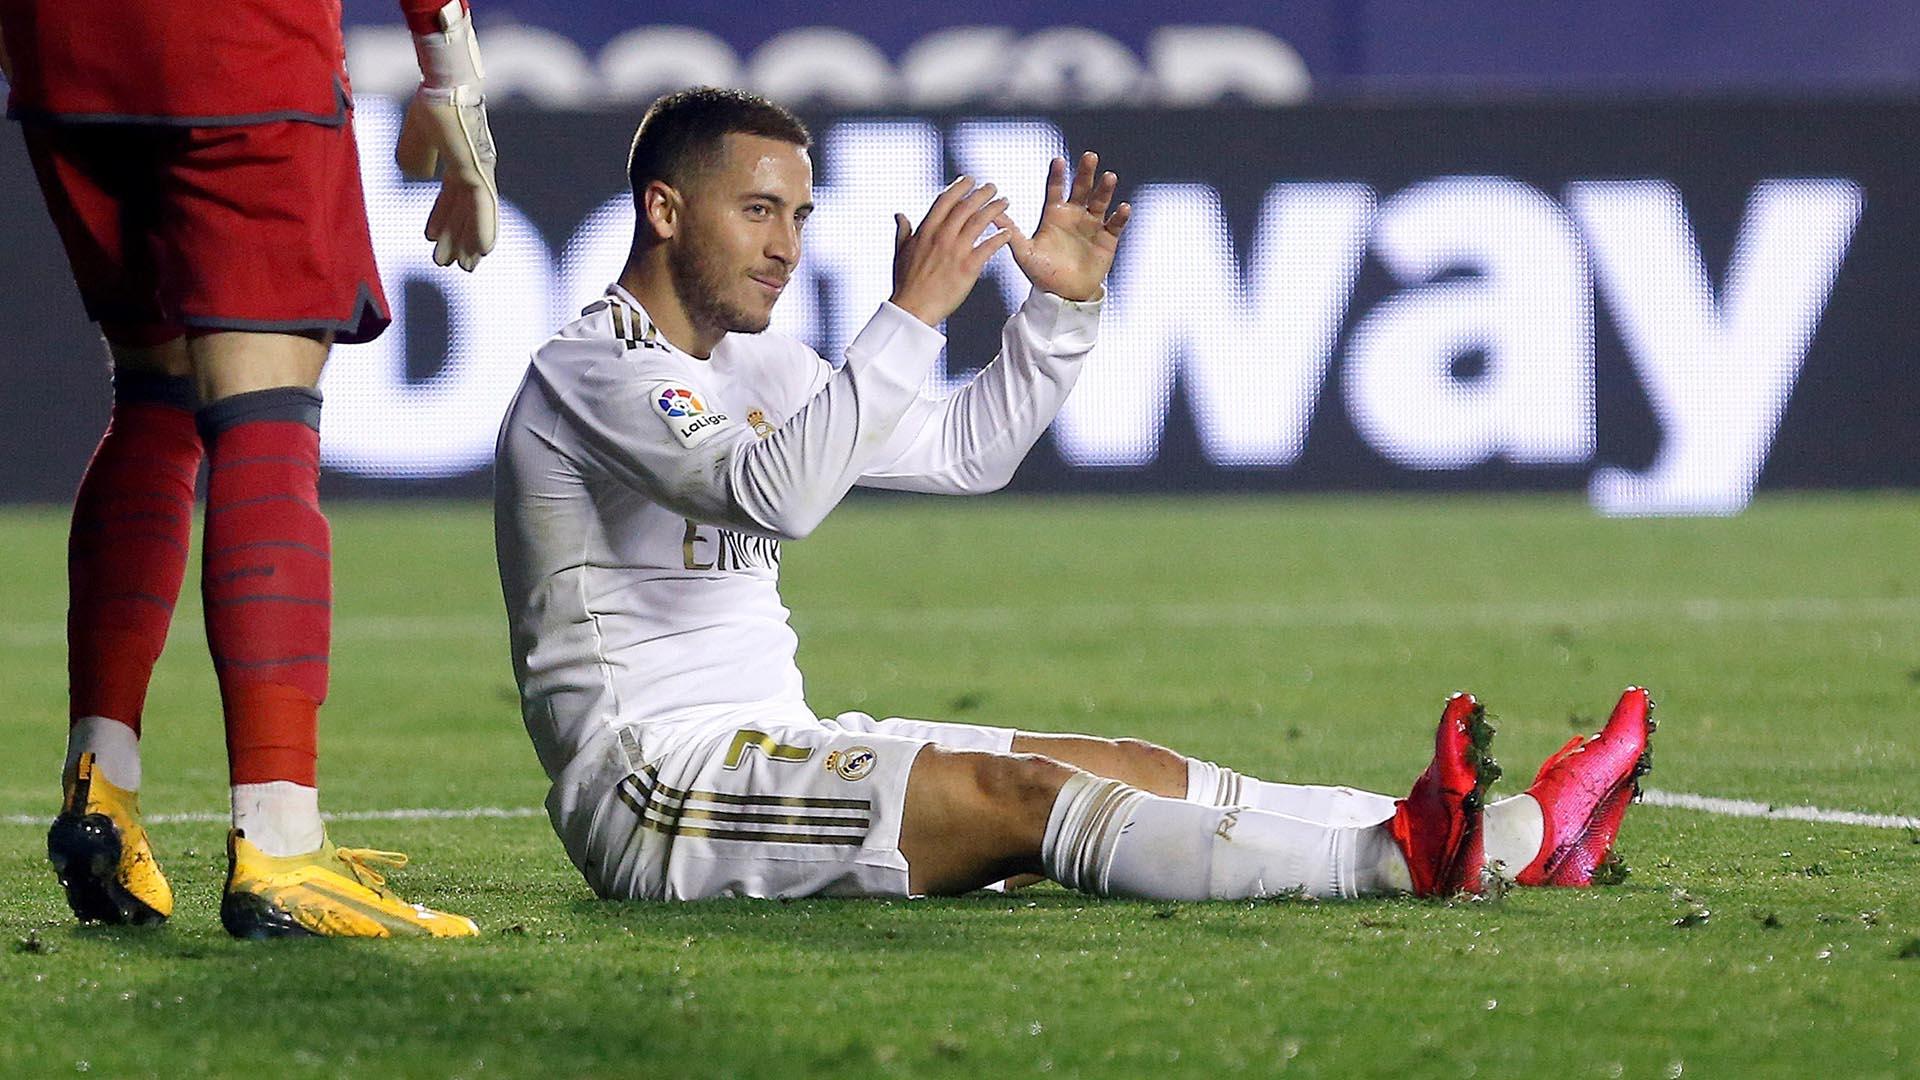 Real Madrid se mantiene cauteloso con la lesión de Hazard - UNANIMO Deportes